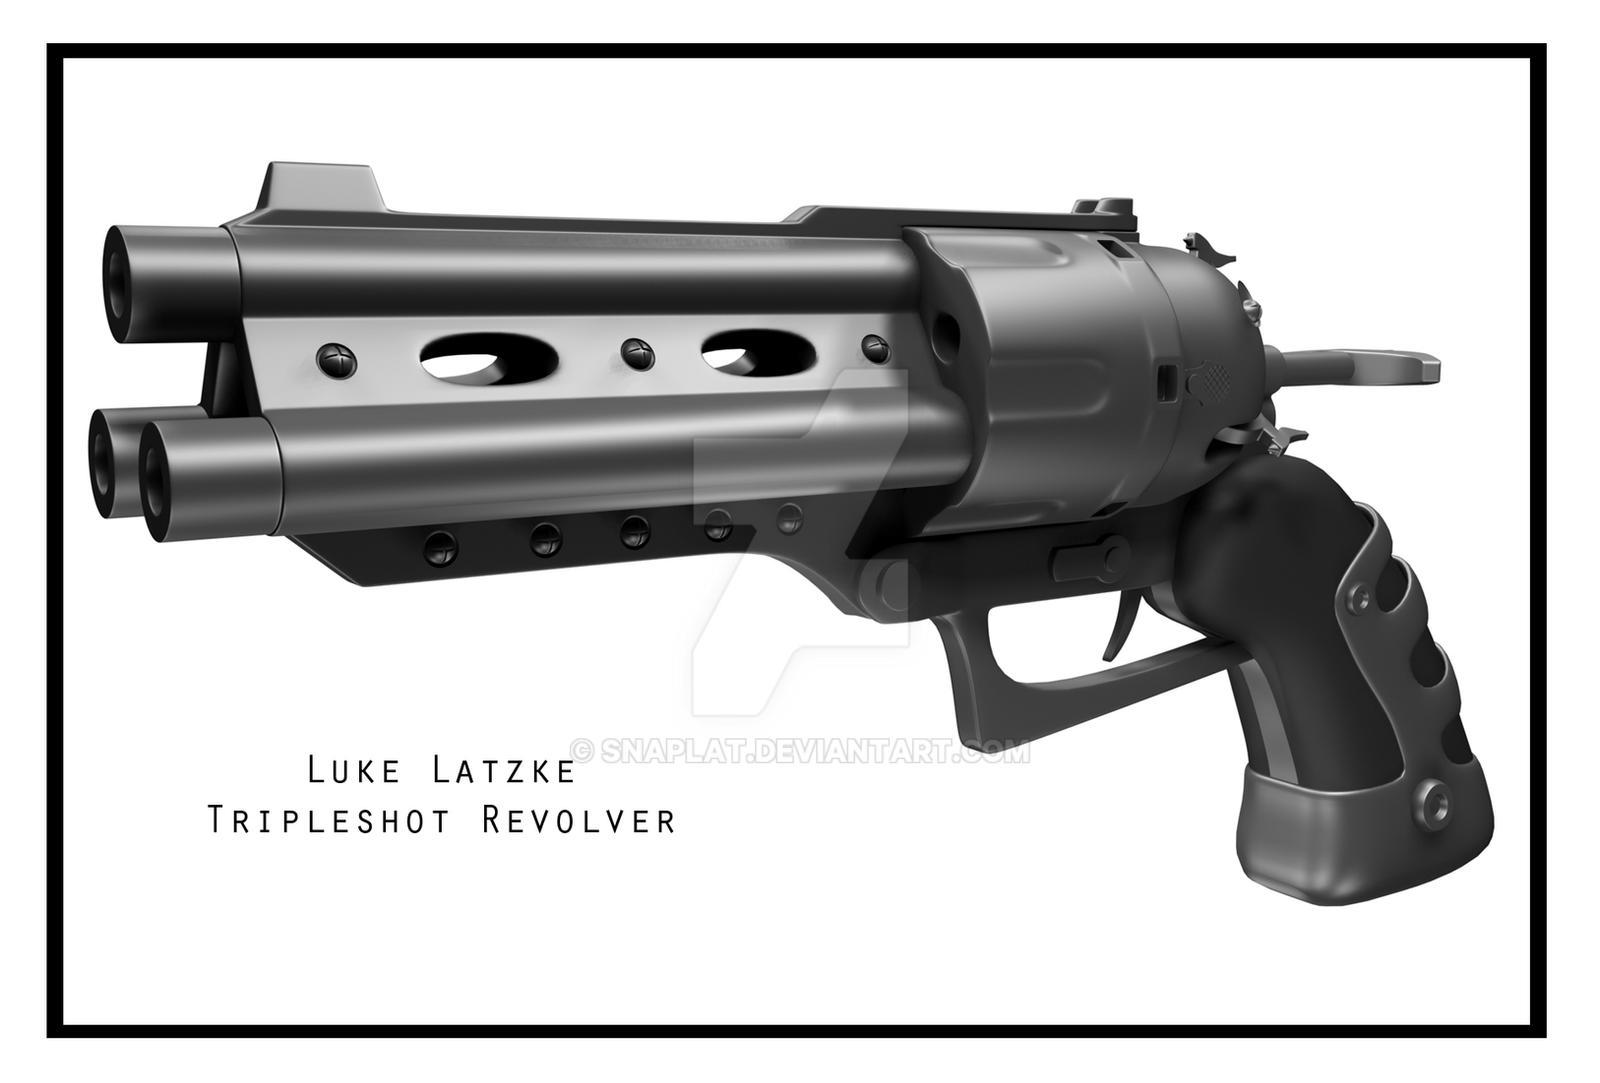 Tripleshot Revolver by snaplat